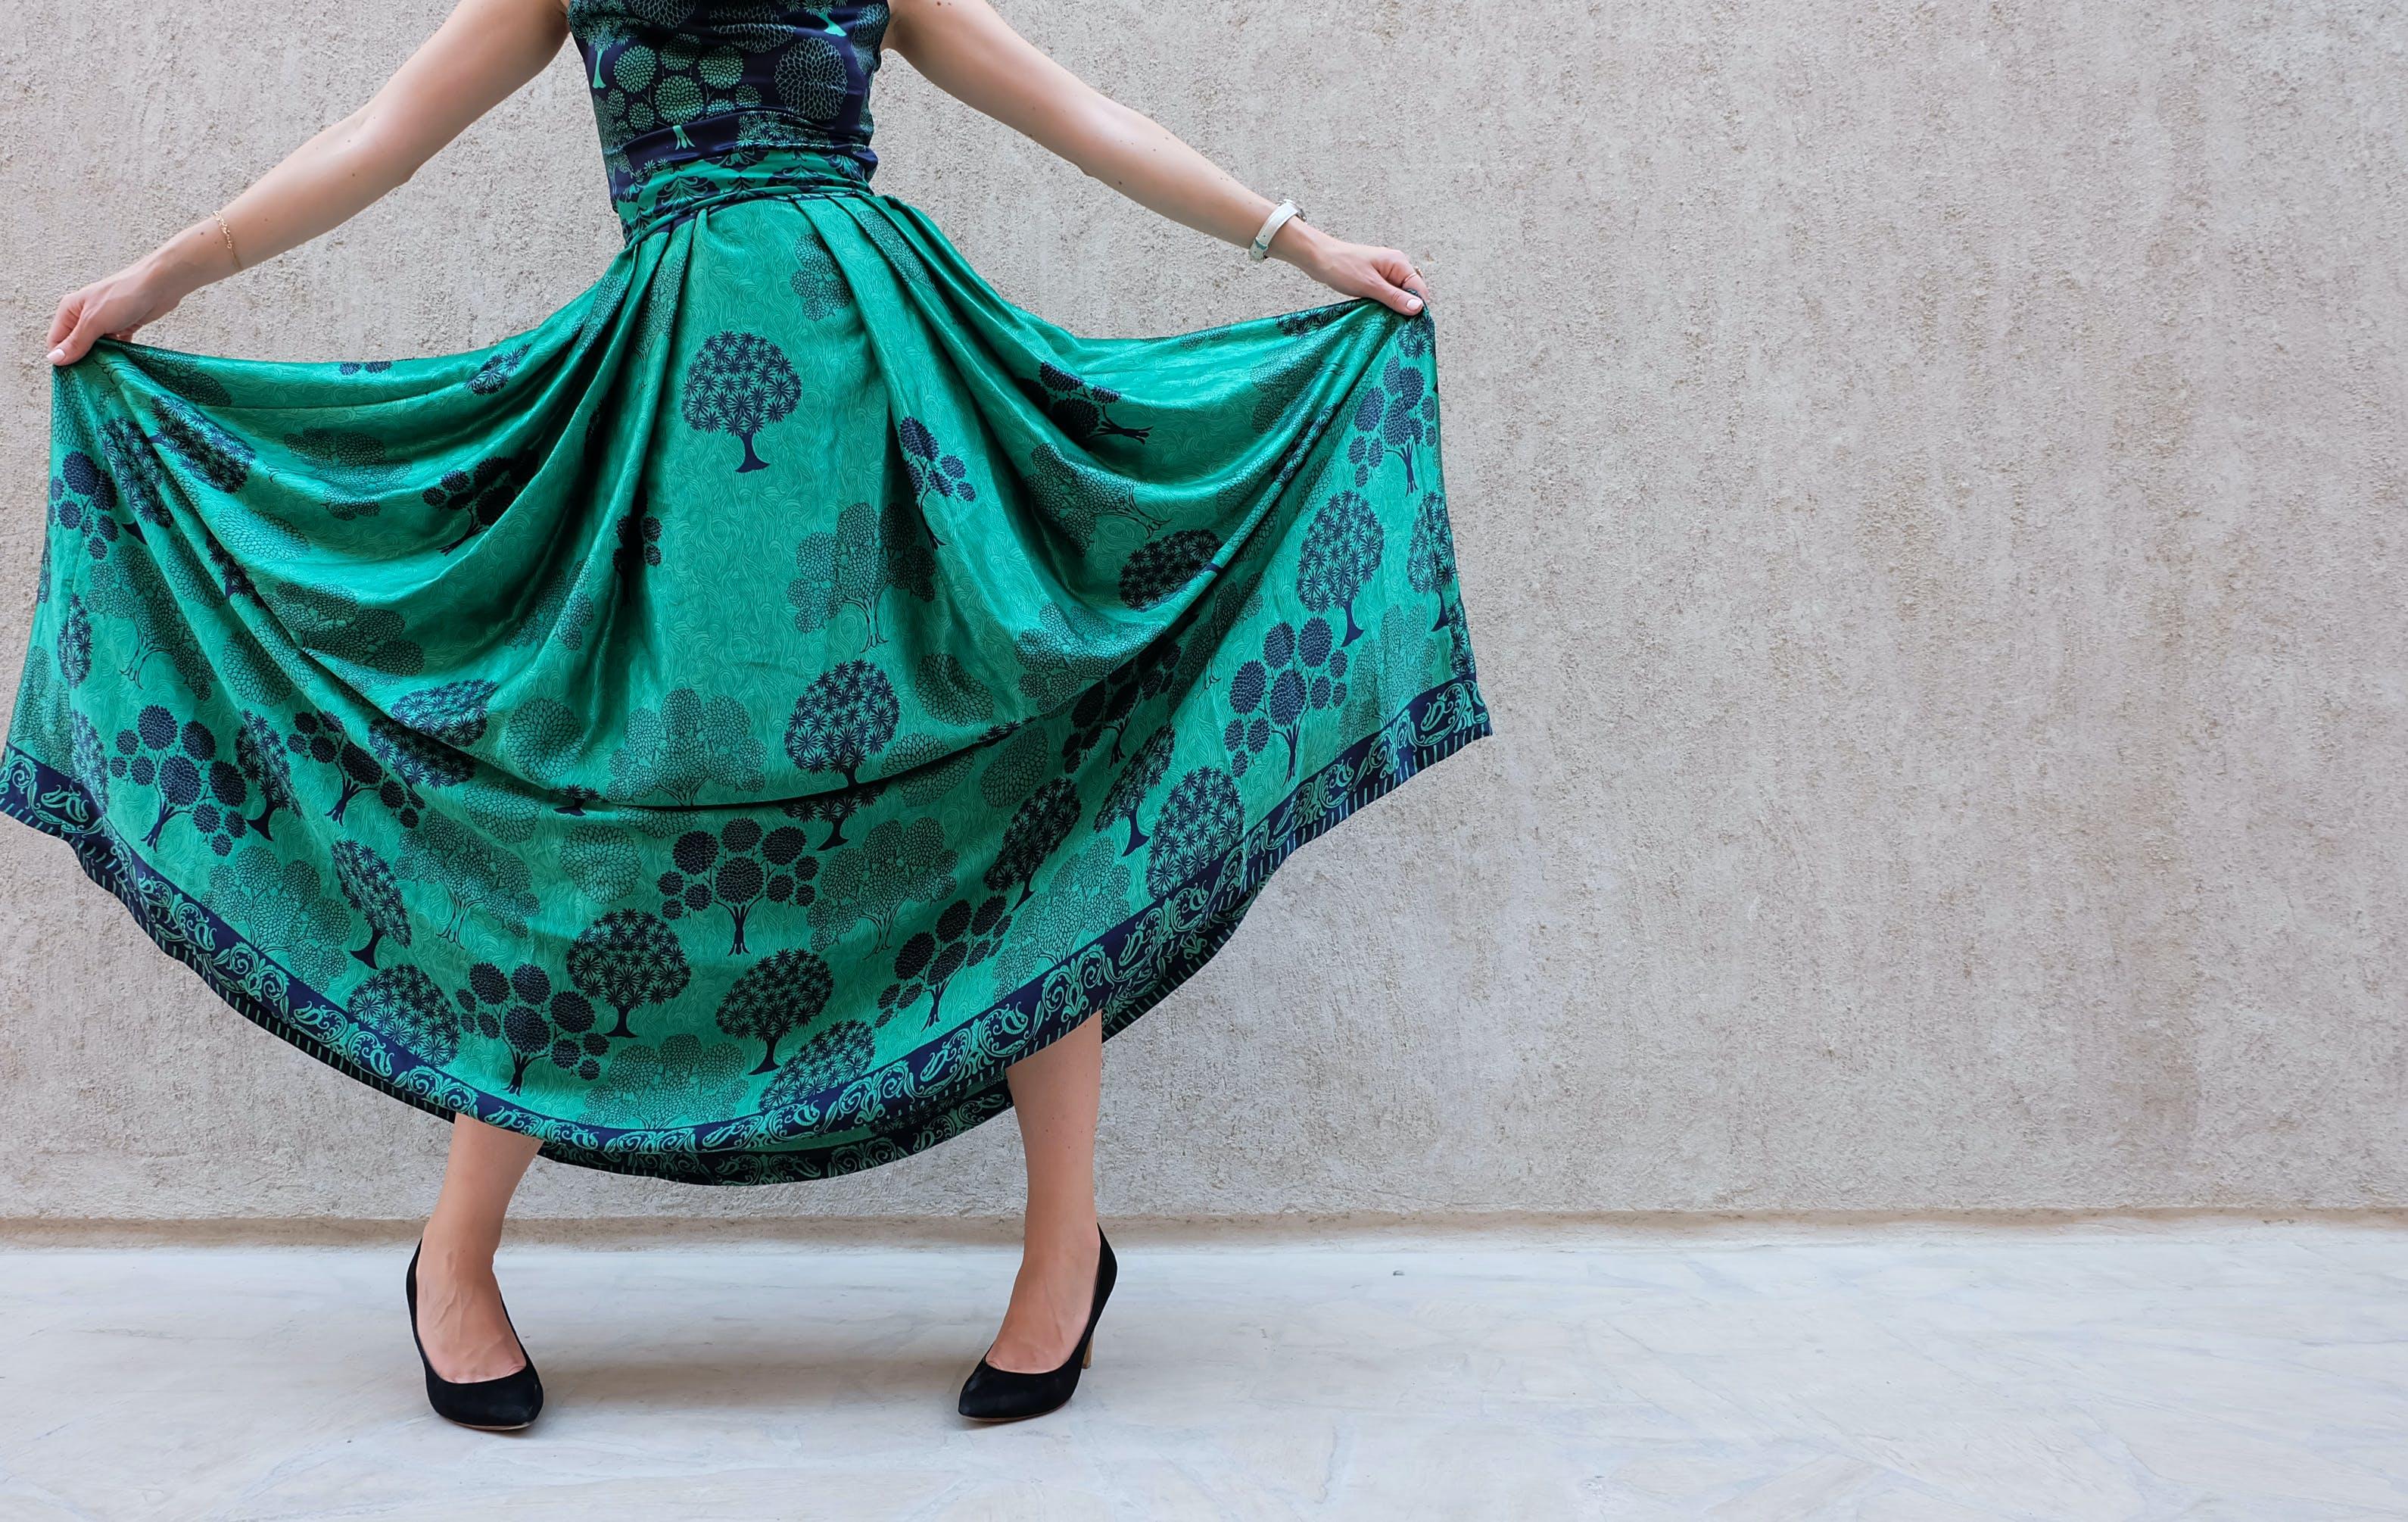 エレガント, スカート, スタイル, ドレスの無料の写真素材